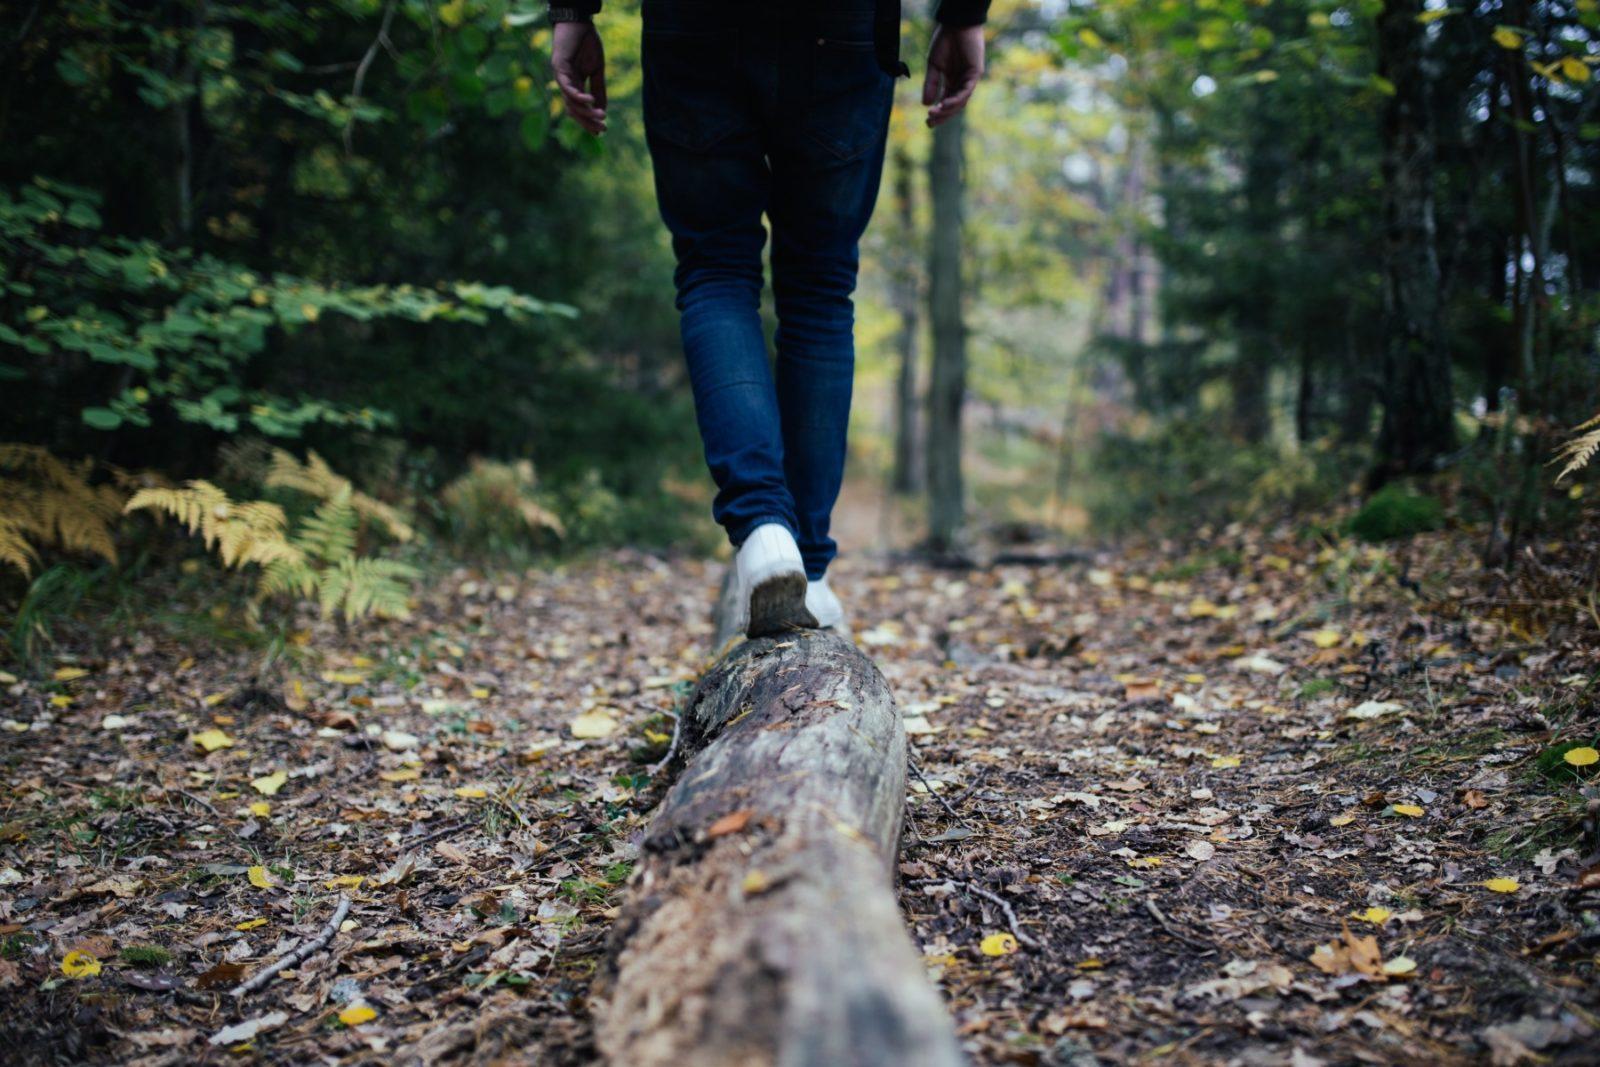 Balancing on a log